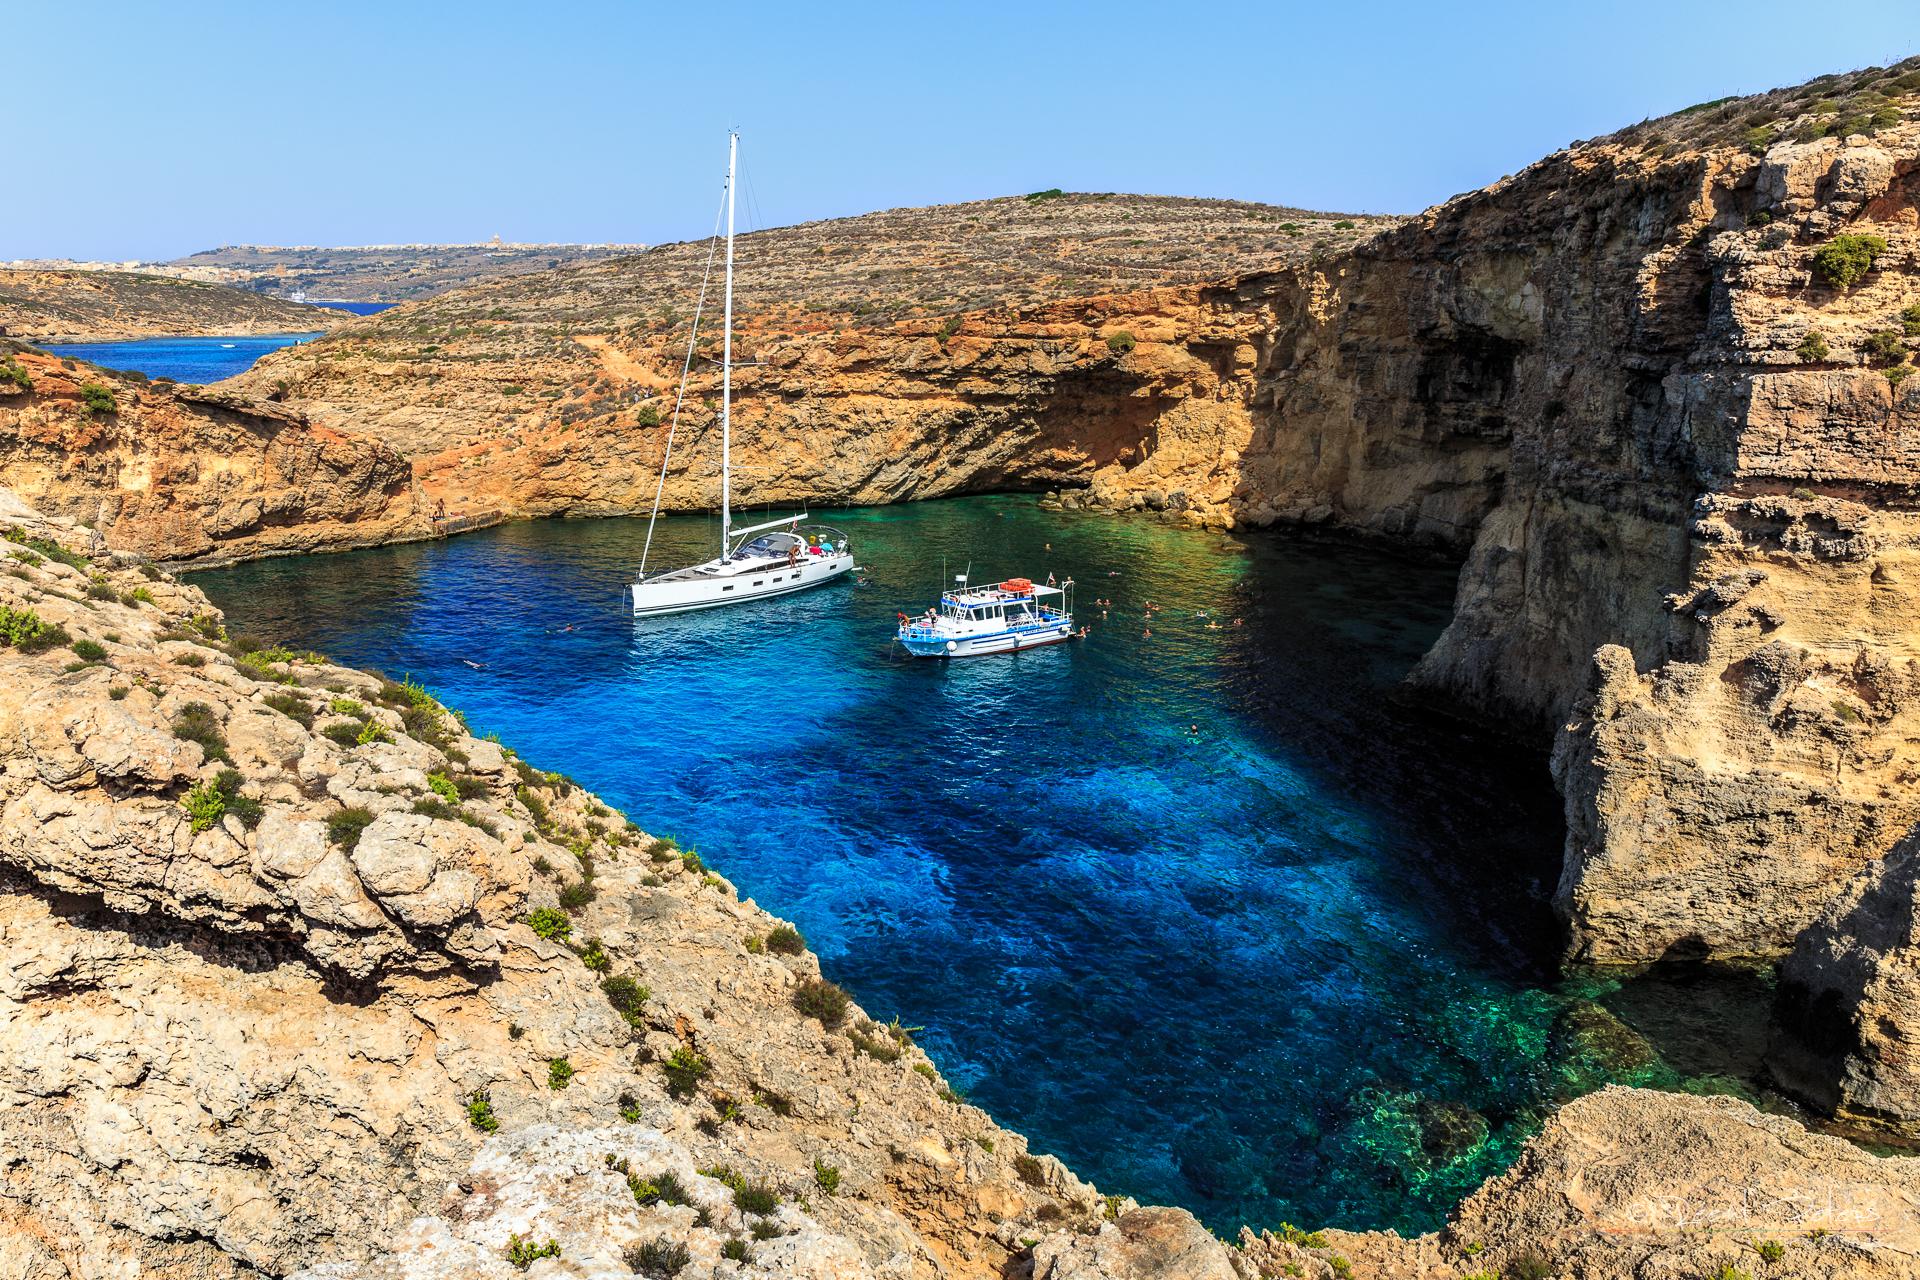 Little Lagoon, Malta